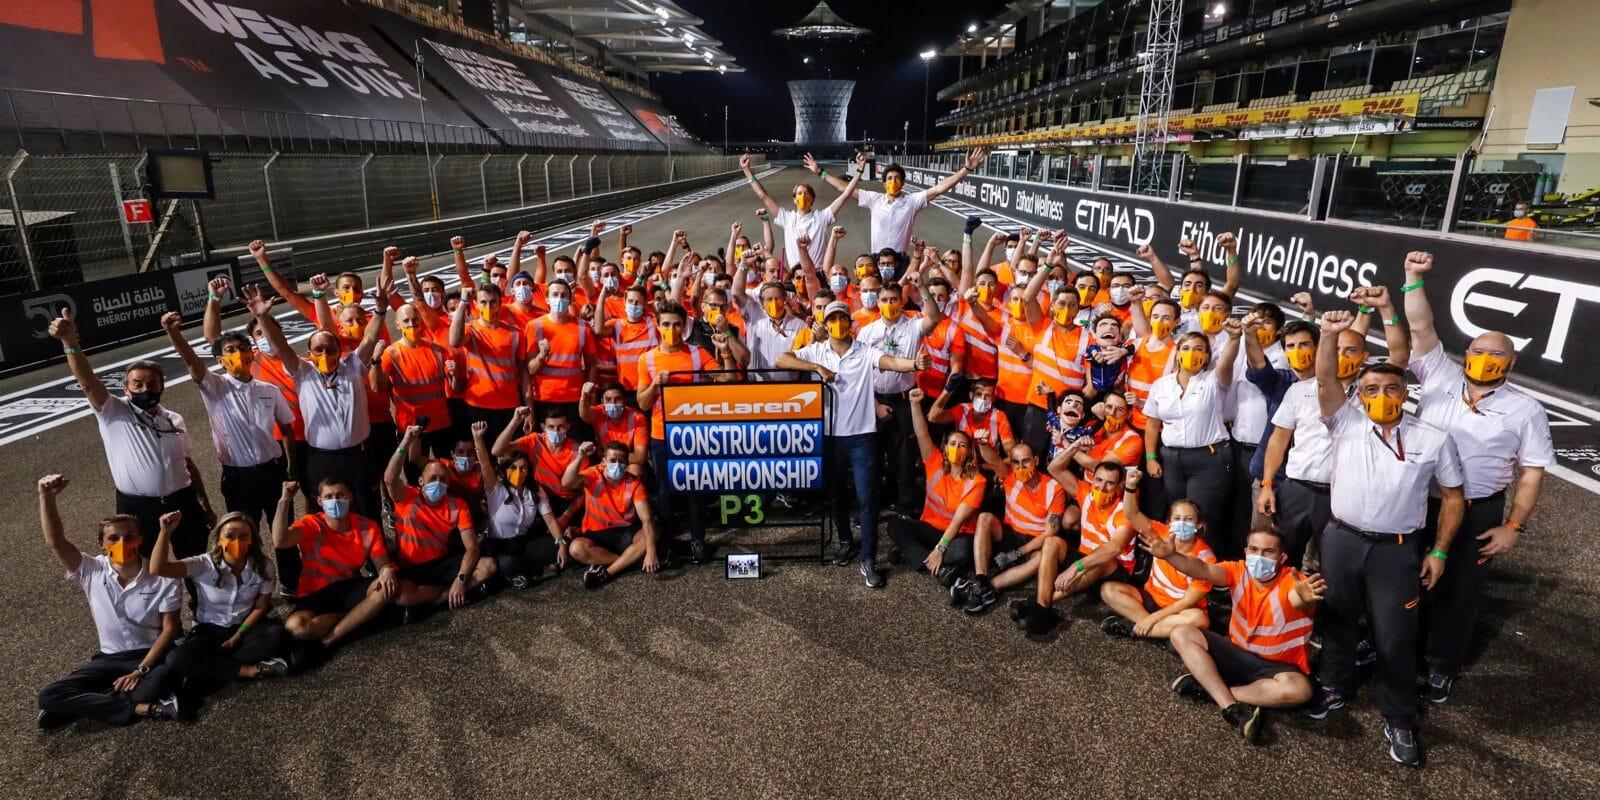 Sainzovi je odpuštěno, McLaren si vybojoval 3. místo v Poháru konstruktérů